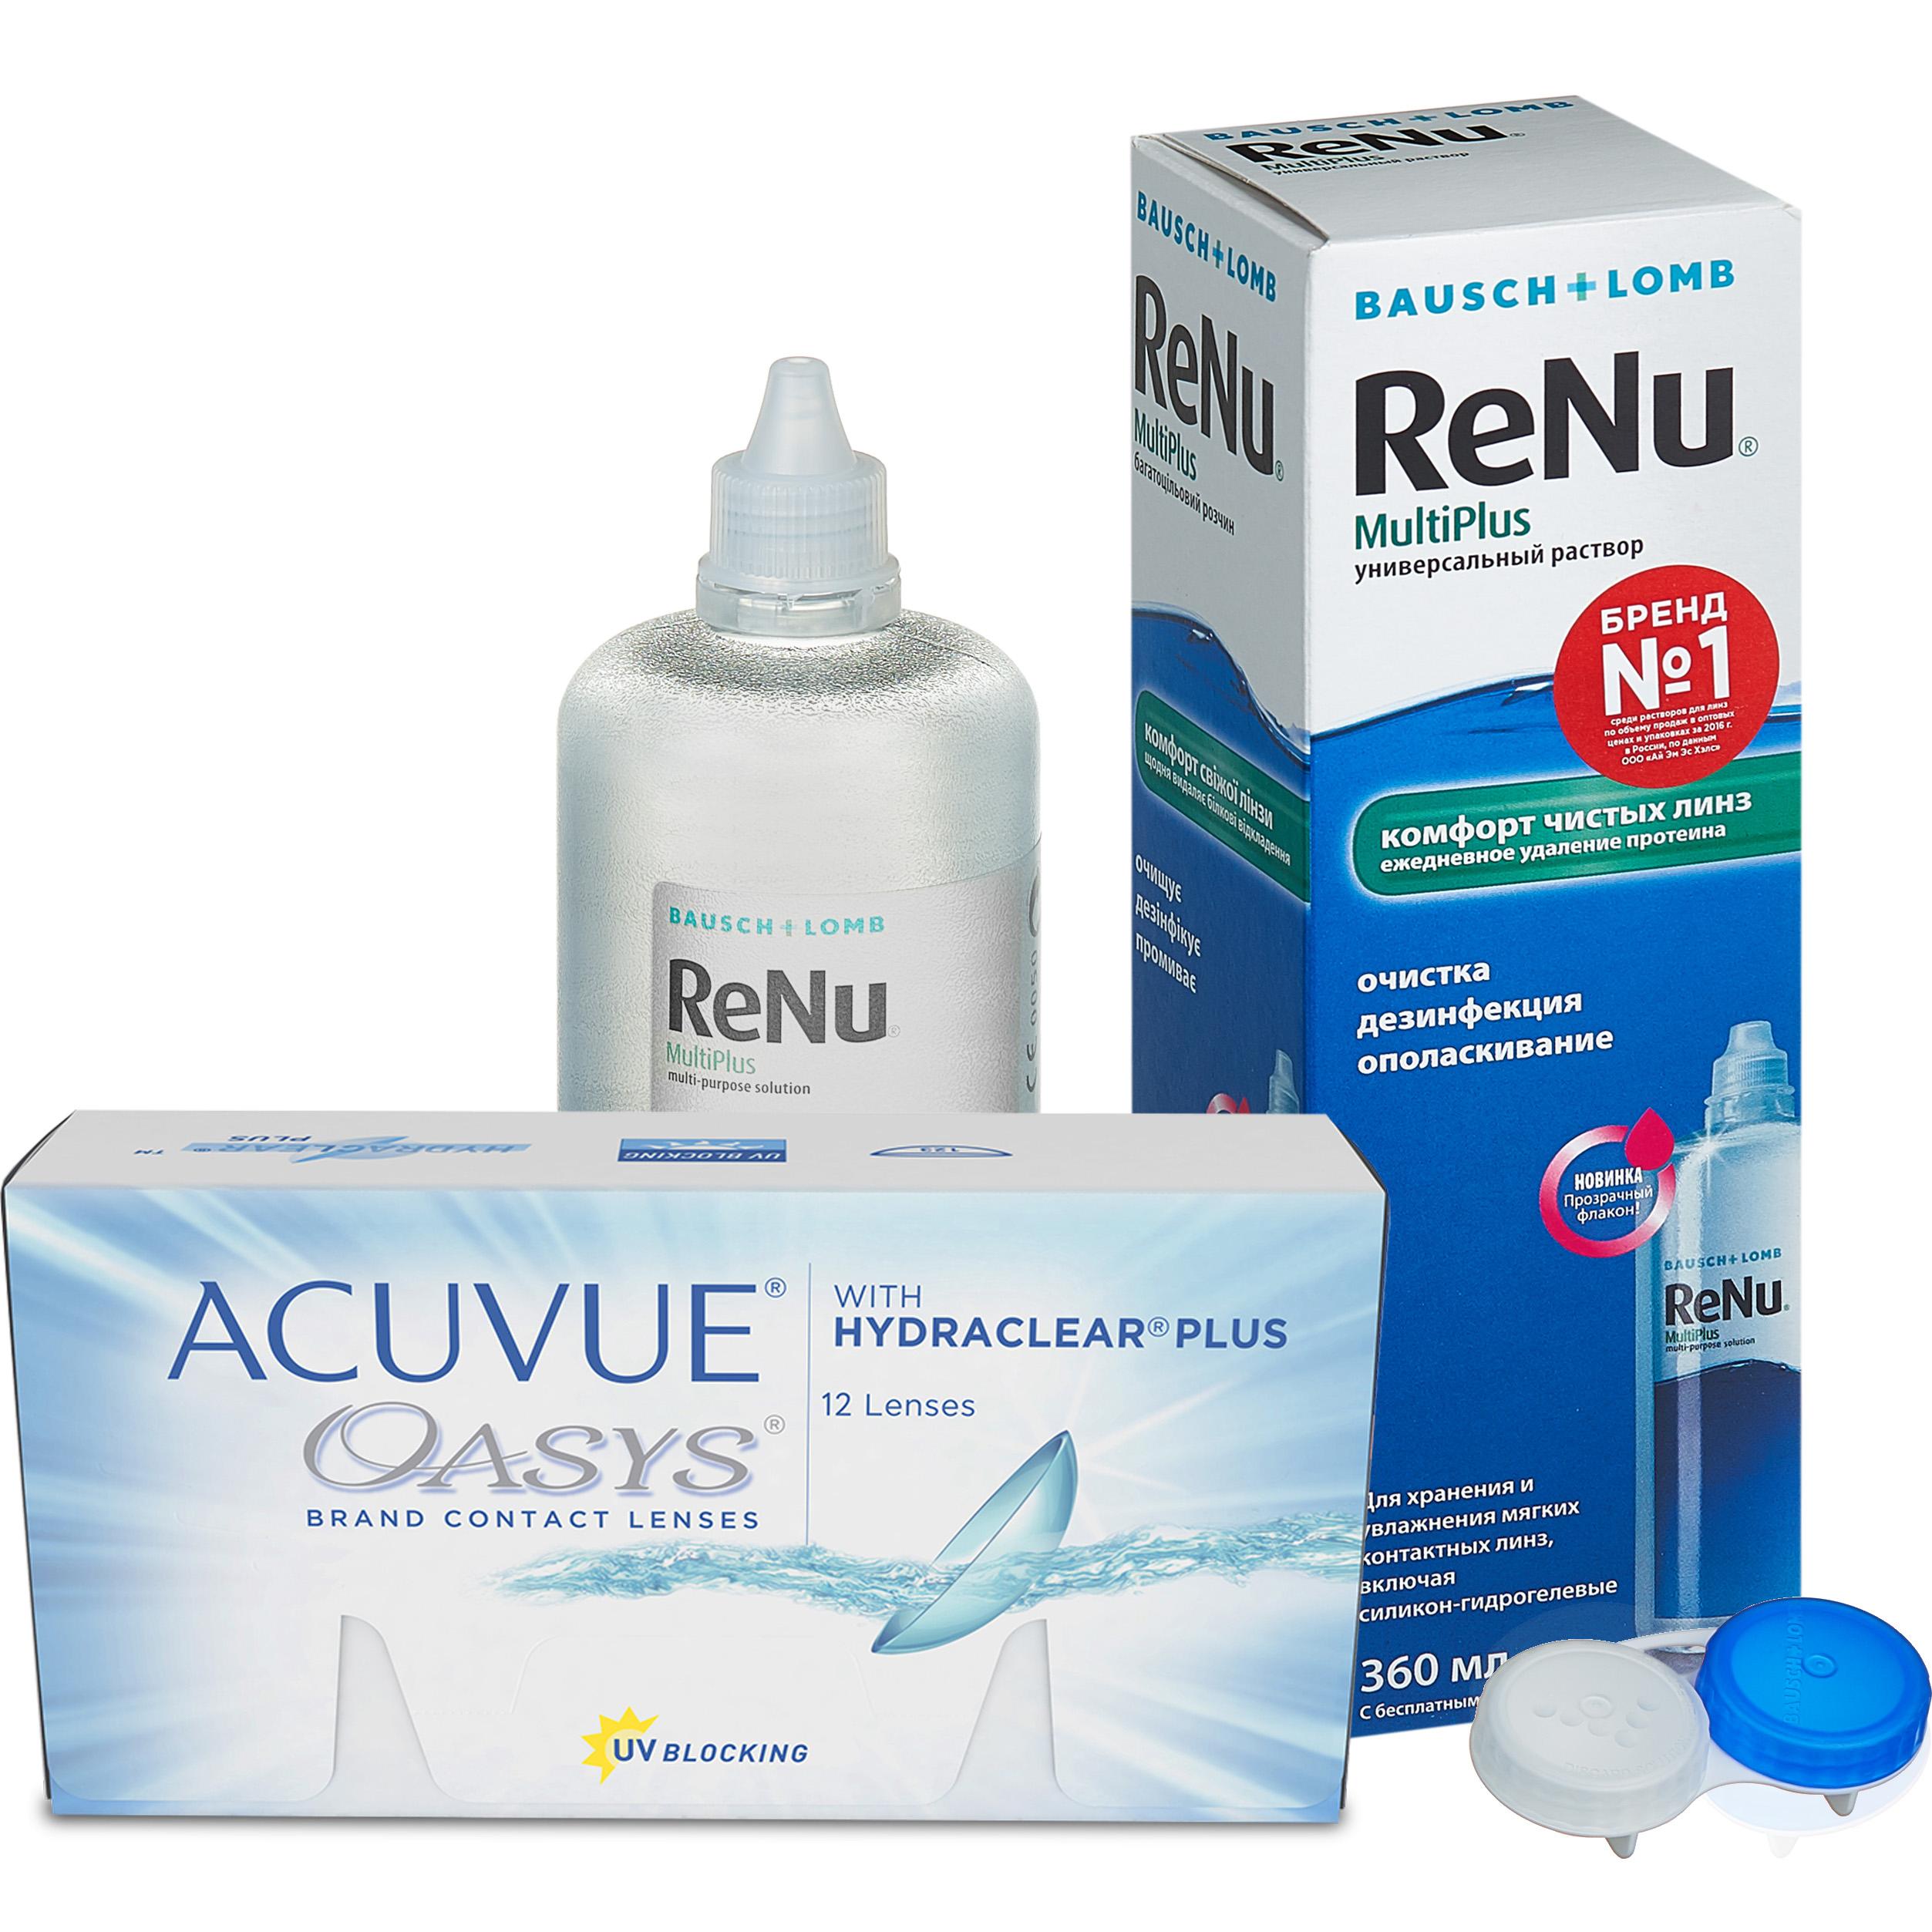 Купить Oasys with Hydraclear Plus 12 линз + ReNu MultiPlus, Линзы Acuvue Oasys with Hydraclear Plus 12 линз R 8.8 +2, 25 + ReNu Multi Plus 360 мл